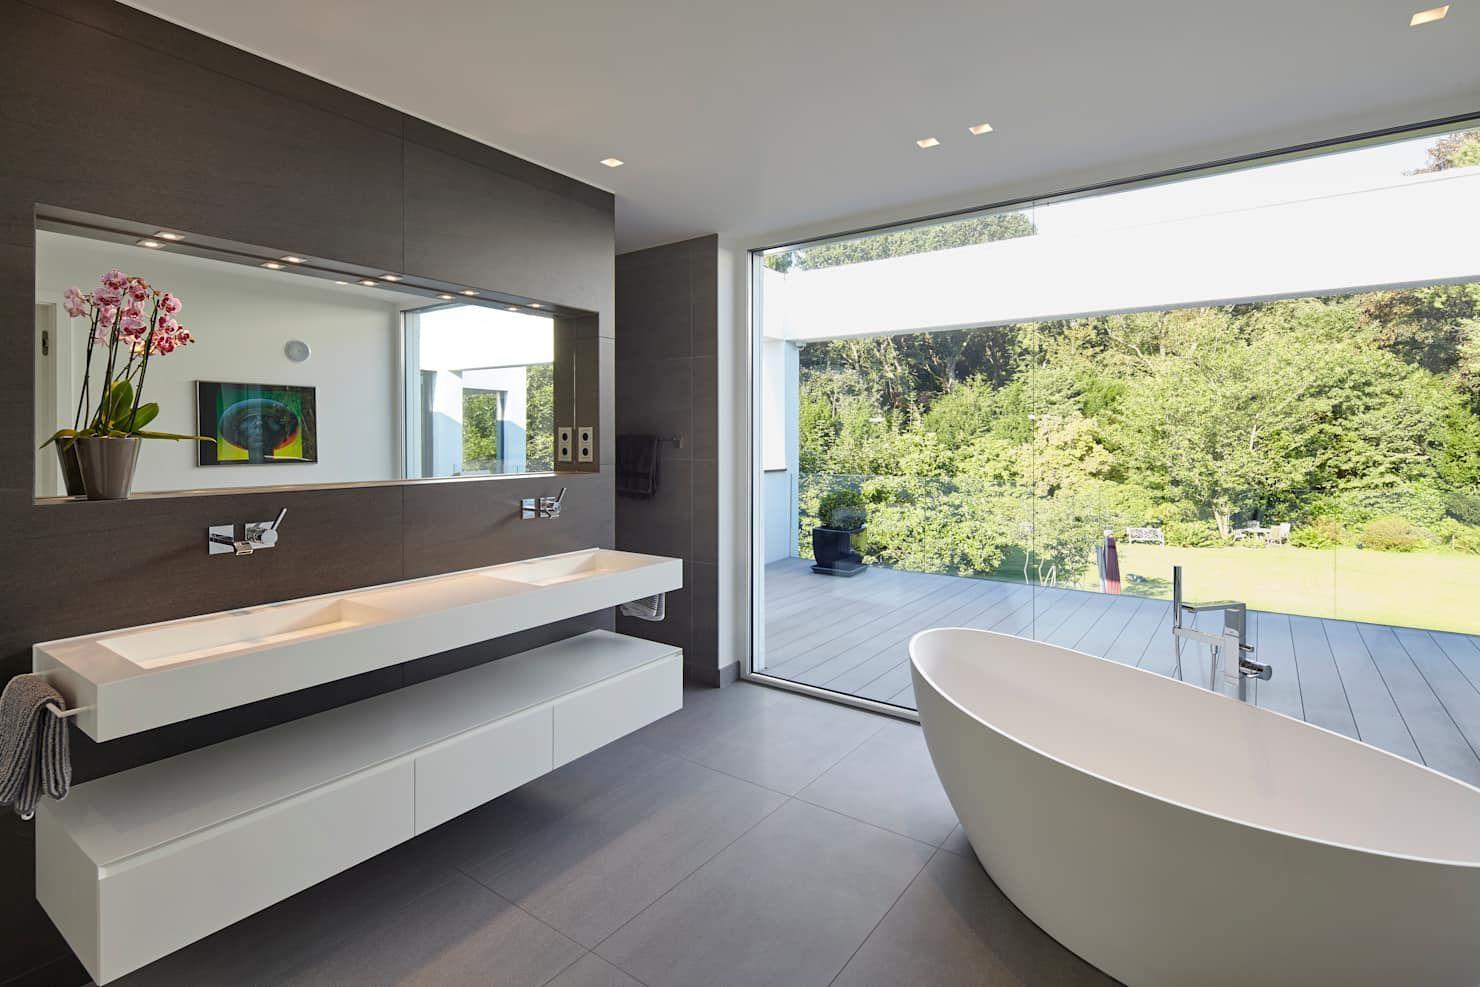 Villa S Moderne Badezimmer Von Lioba Schneider Modern Homify Modernes Badezimmer Tolle Badezimmer Badezimmer Design